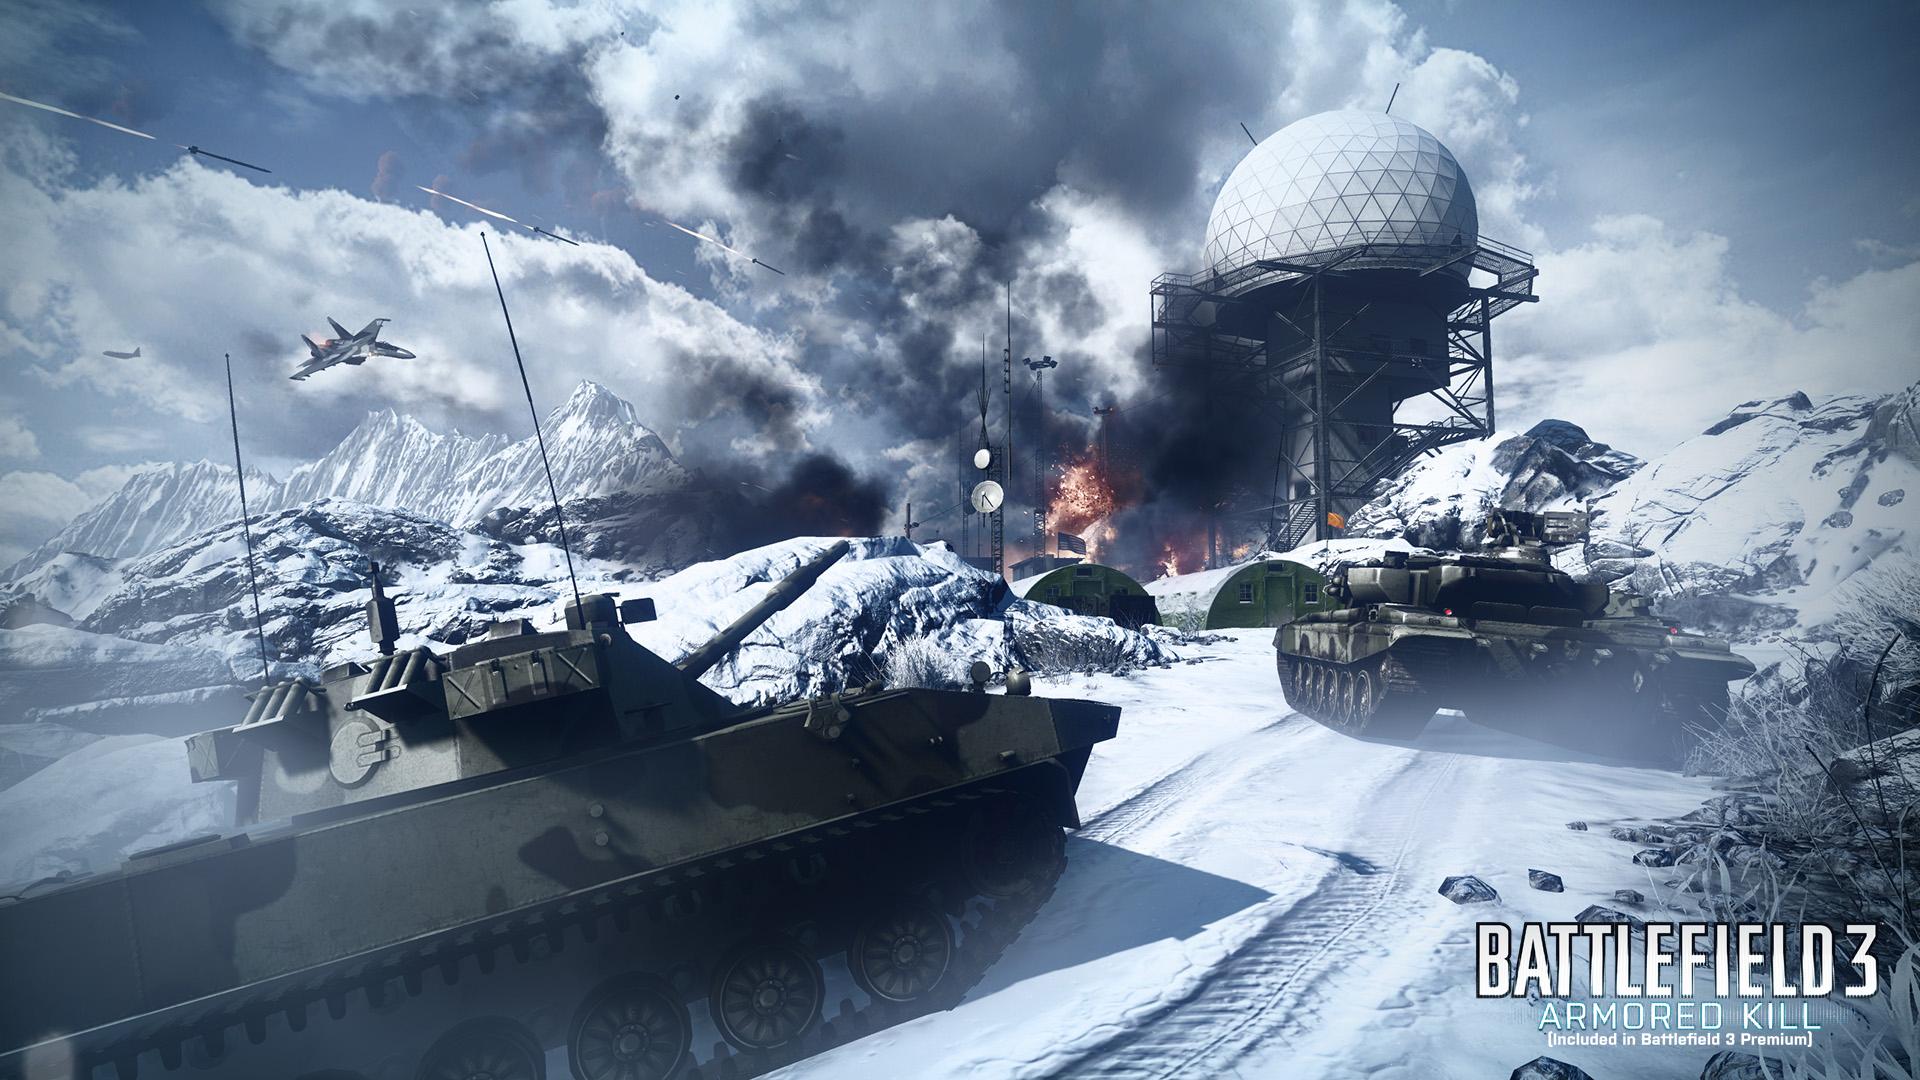 Battlefield 3: Armored Kill DLC review | GamesRadar+